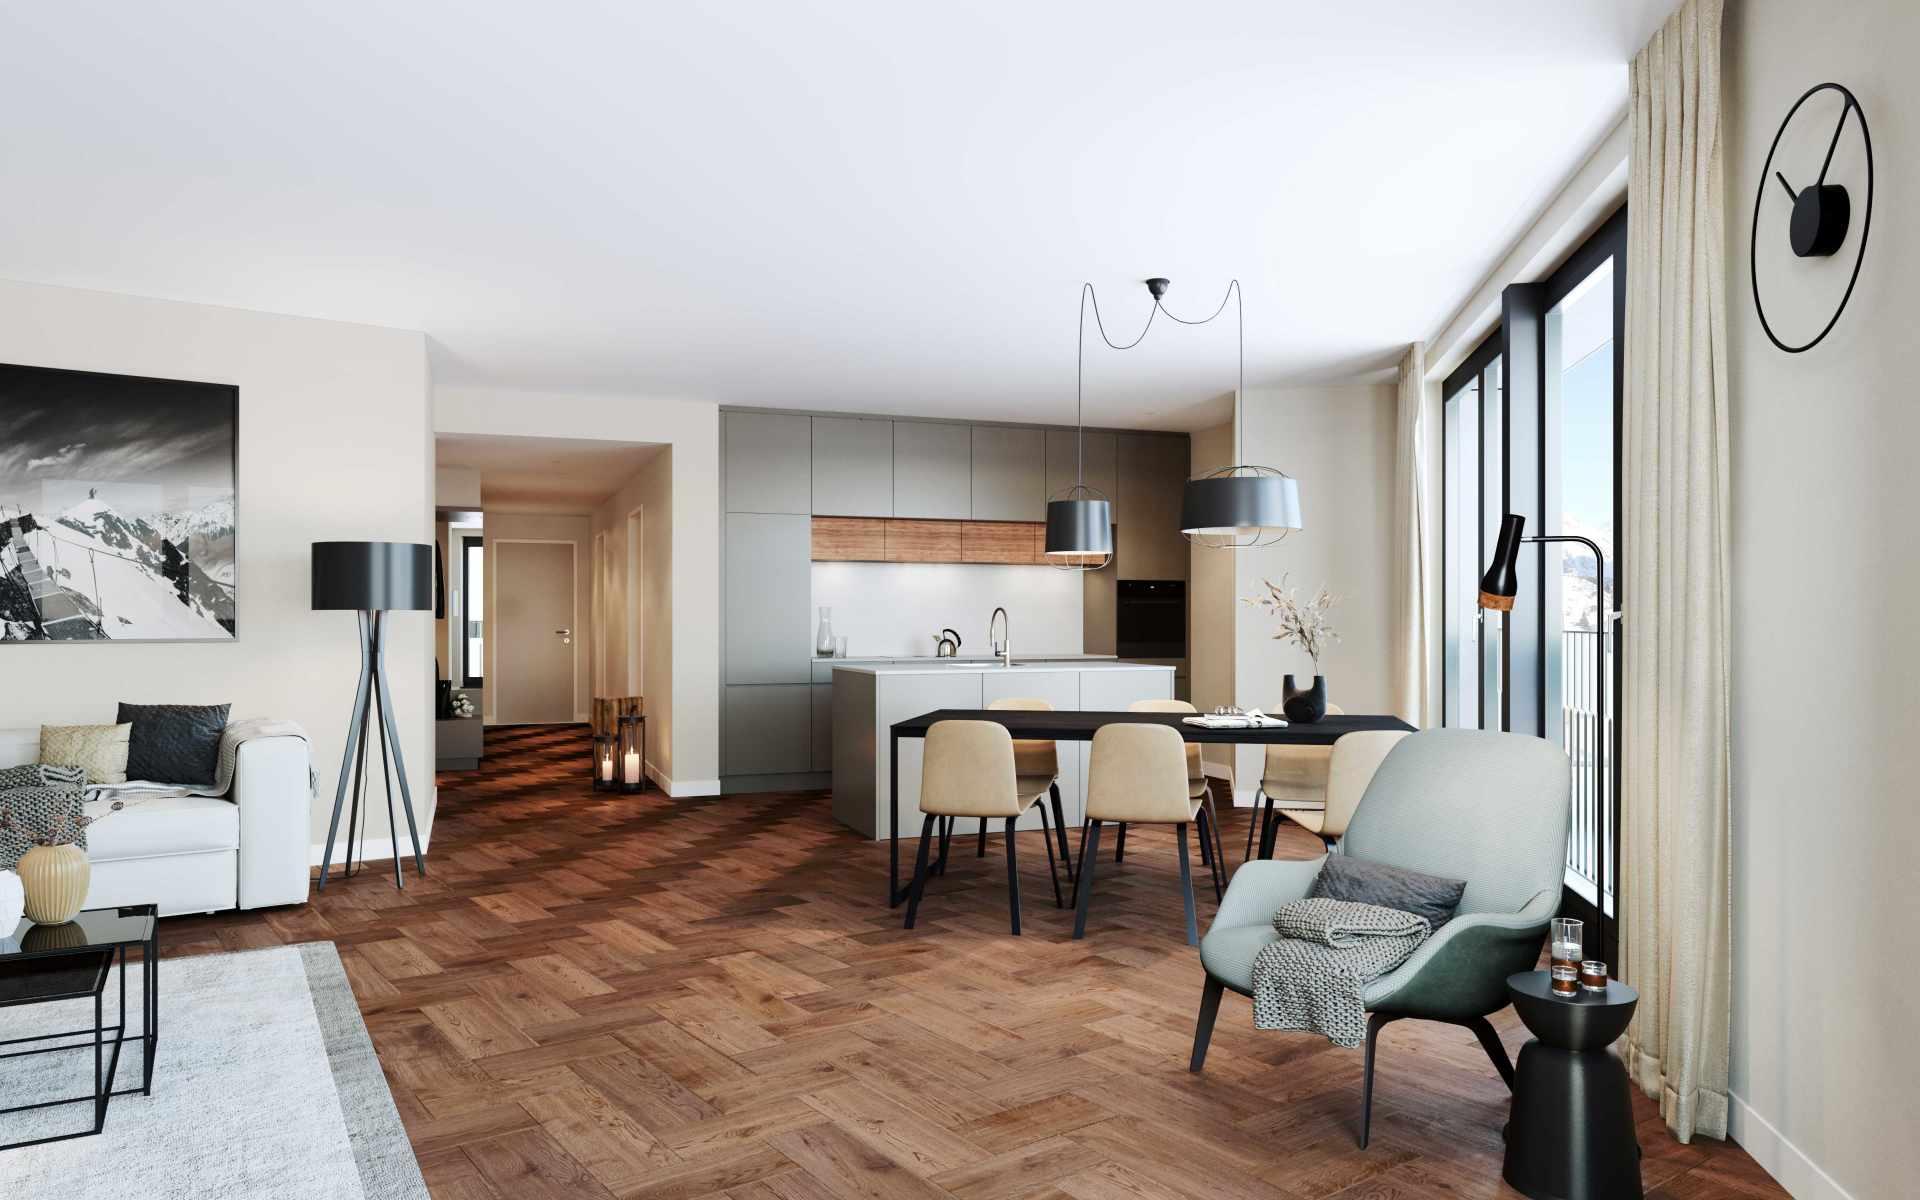 Enzian Wohnzimmer mit Küche